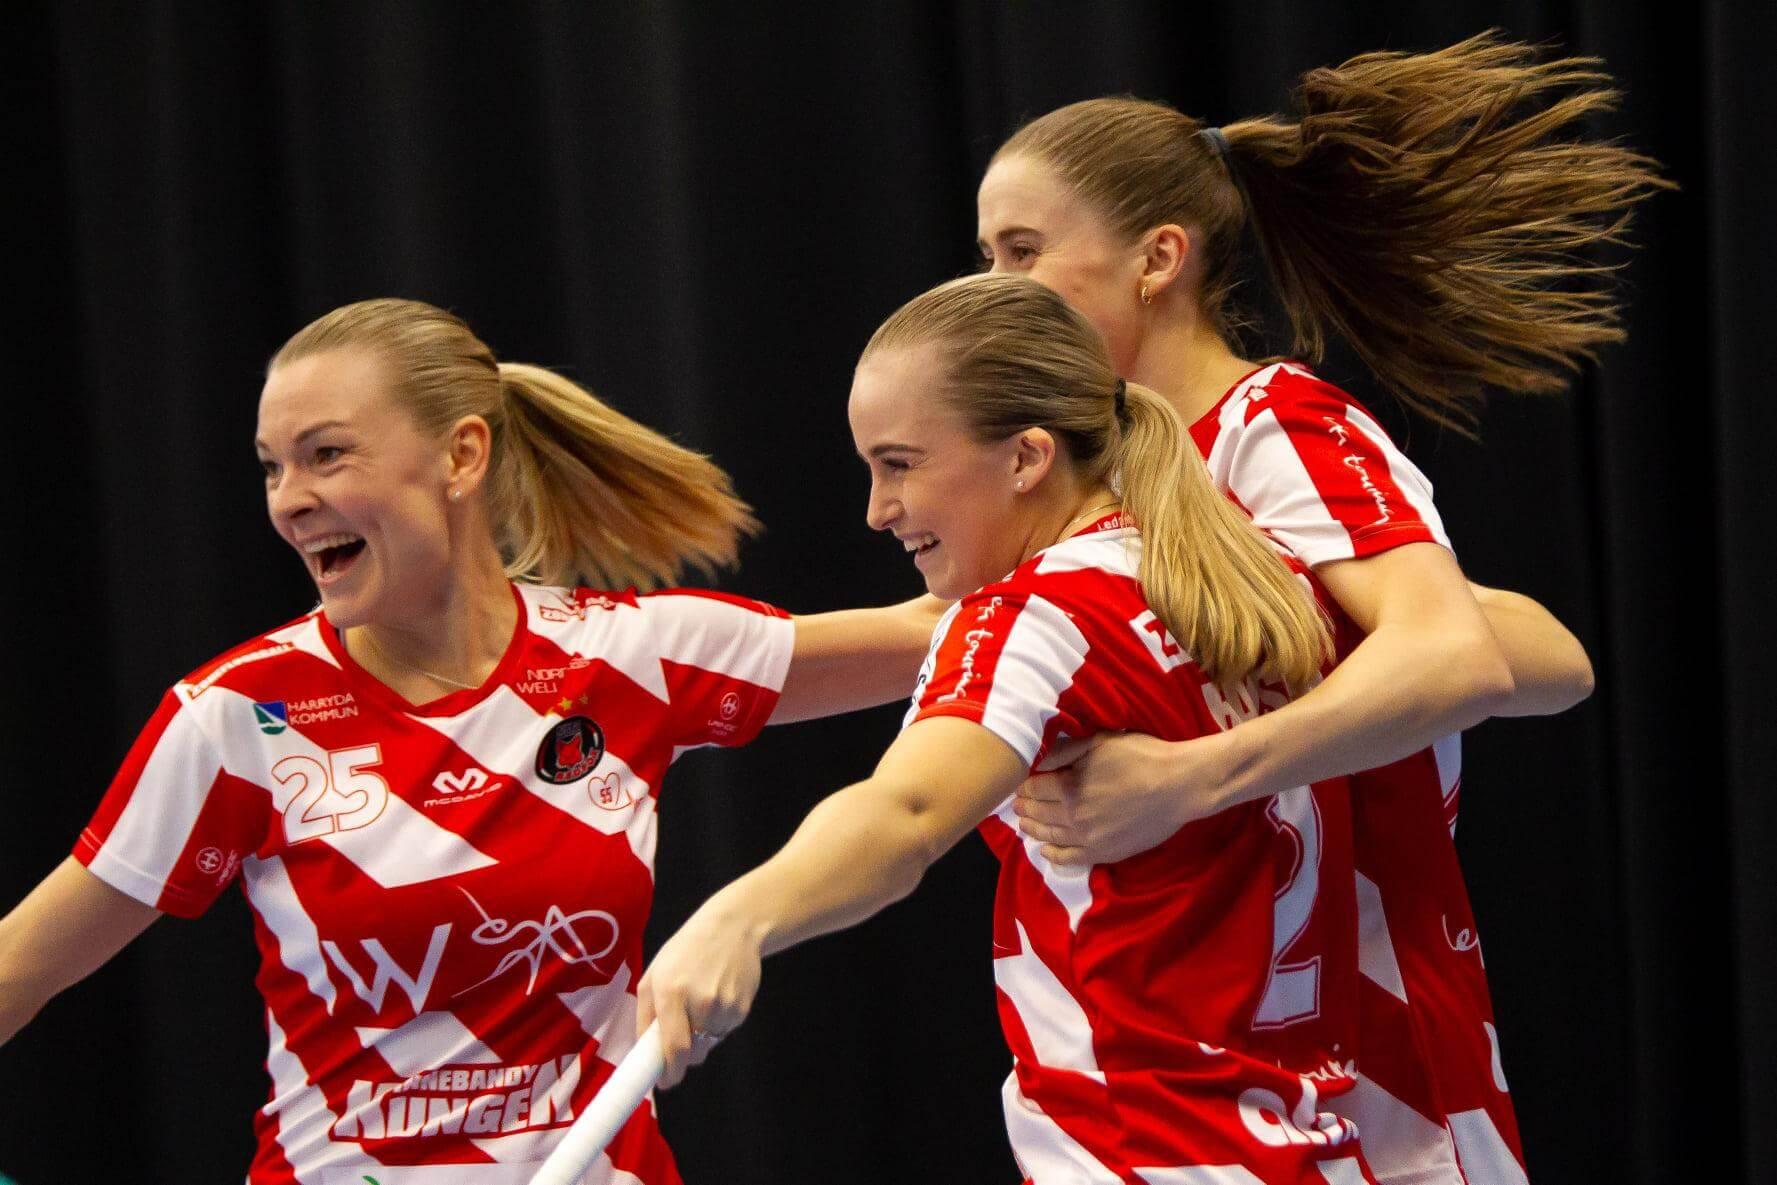 Det ble lite spilletid på Rikke Ingebrigtsli Hansen i dagens oppgjør. Det gjør nok ikke så mye for den norske vingen som er klar for sin første SM-finale. Foto: A. Kårhag